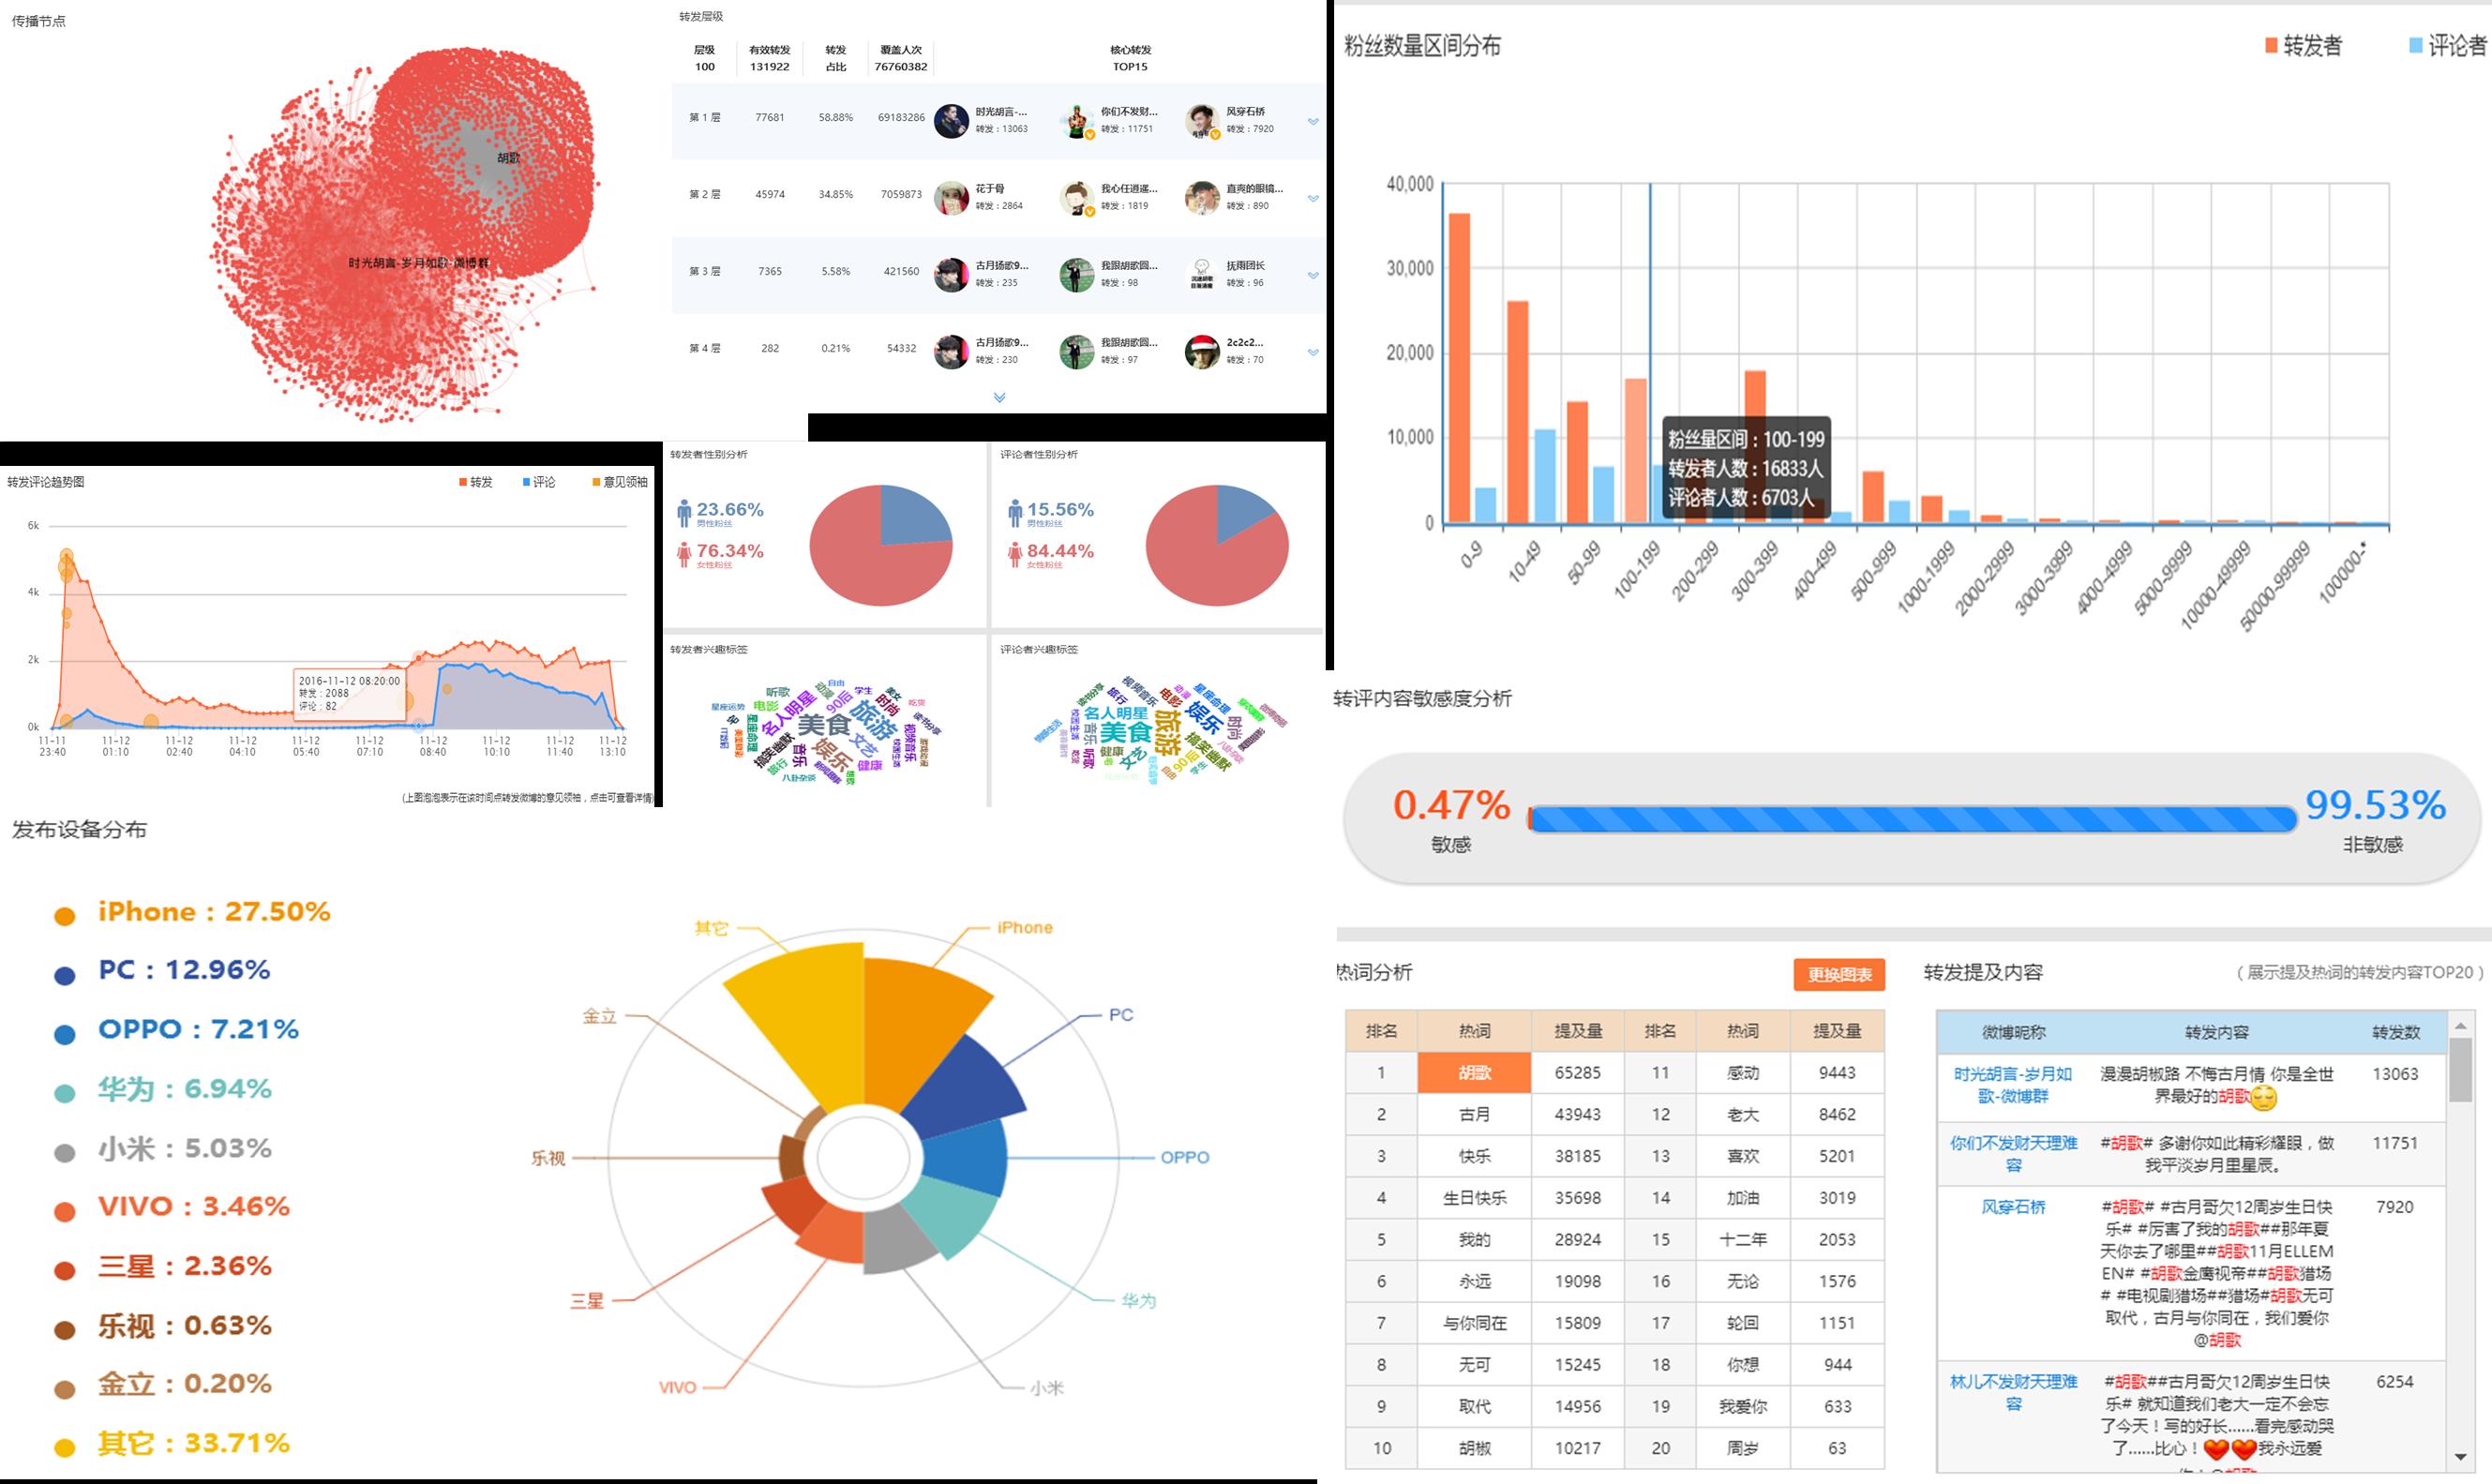 """万字干货 10款数据分析""""工具"""",助你成为新媒体运营领域的""""增长黑客""""   人人都是产品经理"""